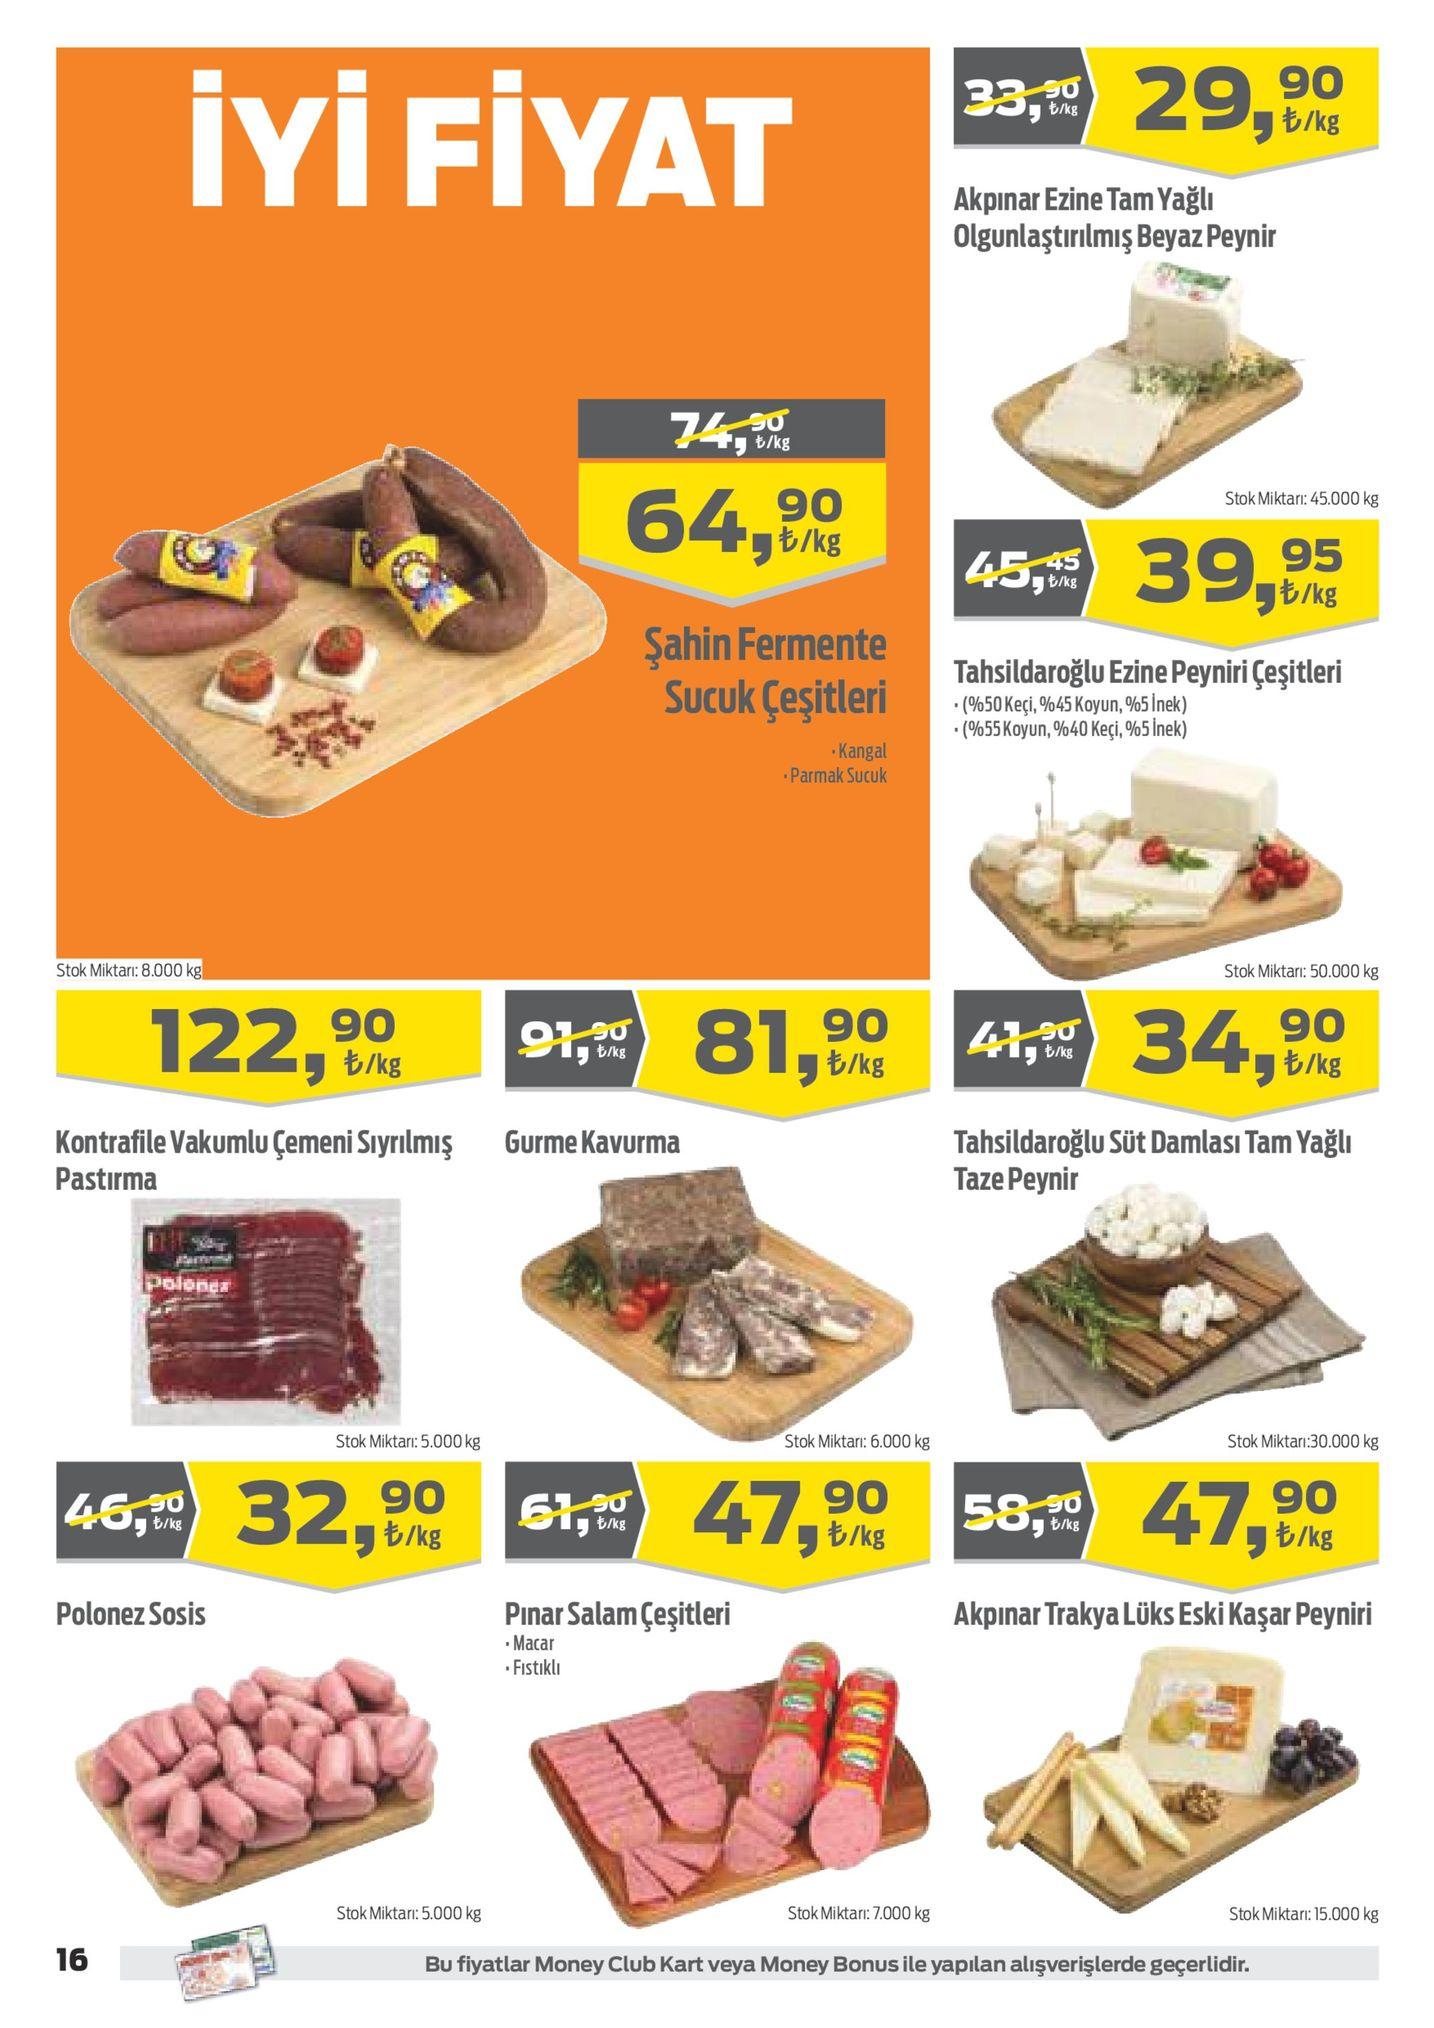 """,20 29,90 b/kg も/kg iyi fiyat akpinar ezine tam yağl olgunlaştirilmis beyaz peynin 74t. t/kg 64,90 stok miktari: 45.000 kg 95 ラも/kg も/kg sahin fermente tahsildaroğlu ezine peyniri çeşitleri (%50 keçi, %45 koyun, %5 inek) """" (%55 koyun, %40 keçi, %5 inek) sucuklesitleri kangal parmak sucuk stok miktar: 50.000 kg stok miktar:8.000 122,90 81,90 34,90 b/kg blkg b/kg も/kg tahsildaroğlu süt damlasi tam yağl taze peyni gurme kavurma kontrafile vakumlu çemeni siyrilmiş pastirma stok miktari:30.000 kg stok miktar: 6.000 kg stok miktar: 5.000kg 320 47,90 47,90 46,20 1 58,霓 ラも/kg も/kg ラも/kg tkg も/kg も/kg pinarsalam çeşitleri akpinar trakya lüks eski kaşar peyniri polonez sosis fistıkl stok miktar: 7.000 kg stok miktar: 15.000 kg stok miktan: 5.000 kg 16 bu fiyatlar money club kart veya money bonus ile yapilan alişverişlerde geçerlidir."""